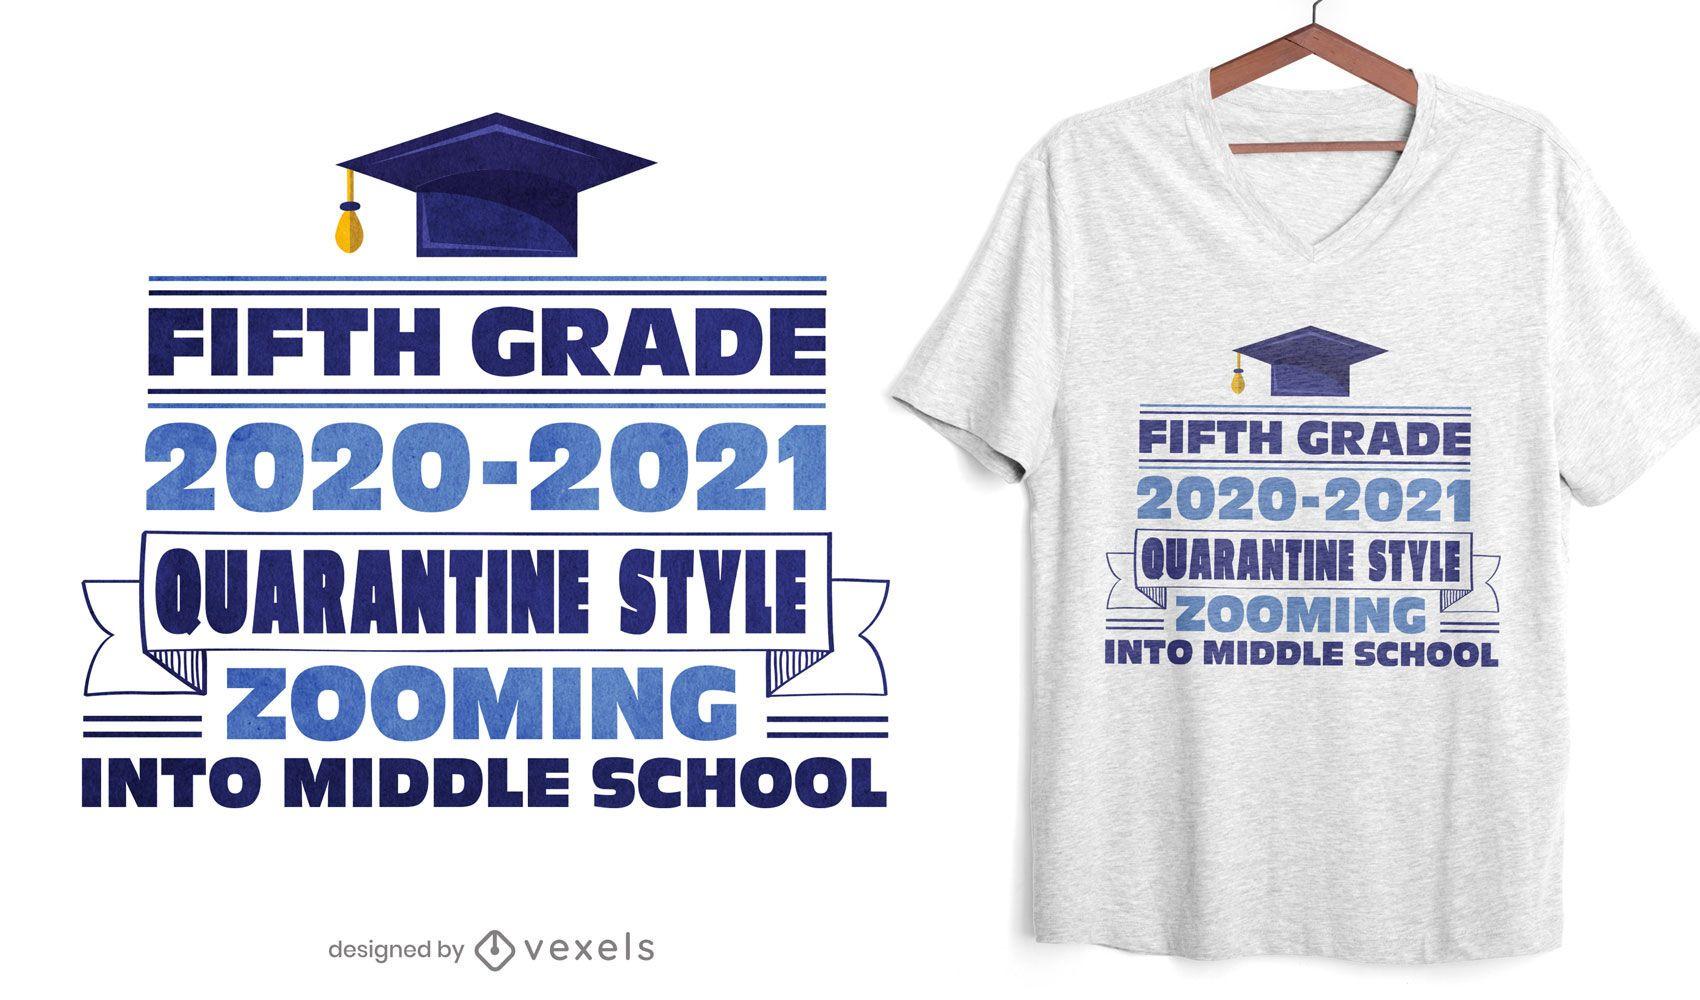 Diseño de camiseta estilo cuarentena de quinto grado.